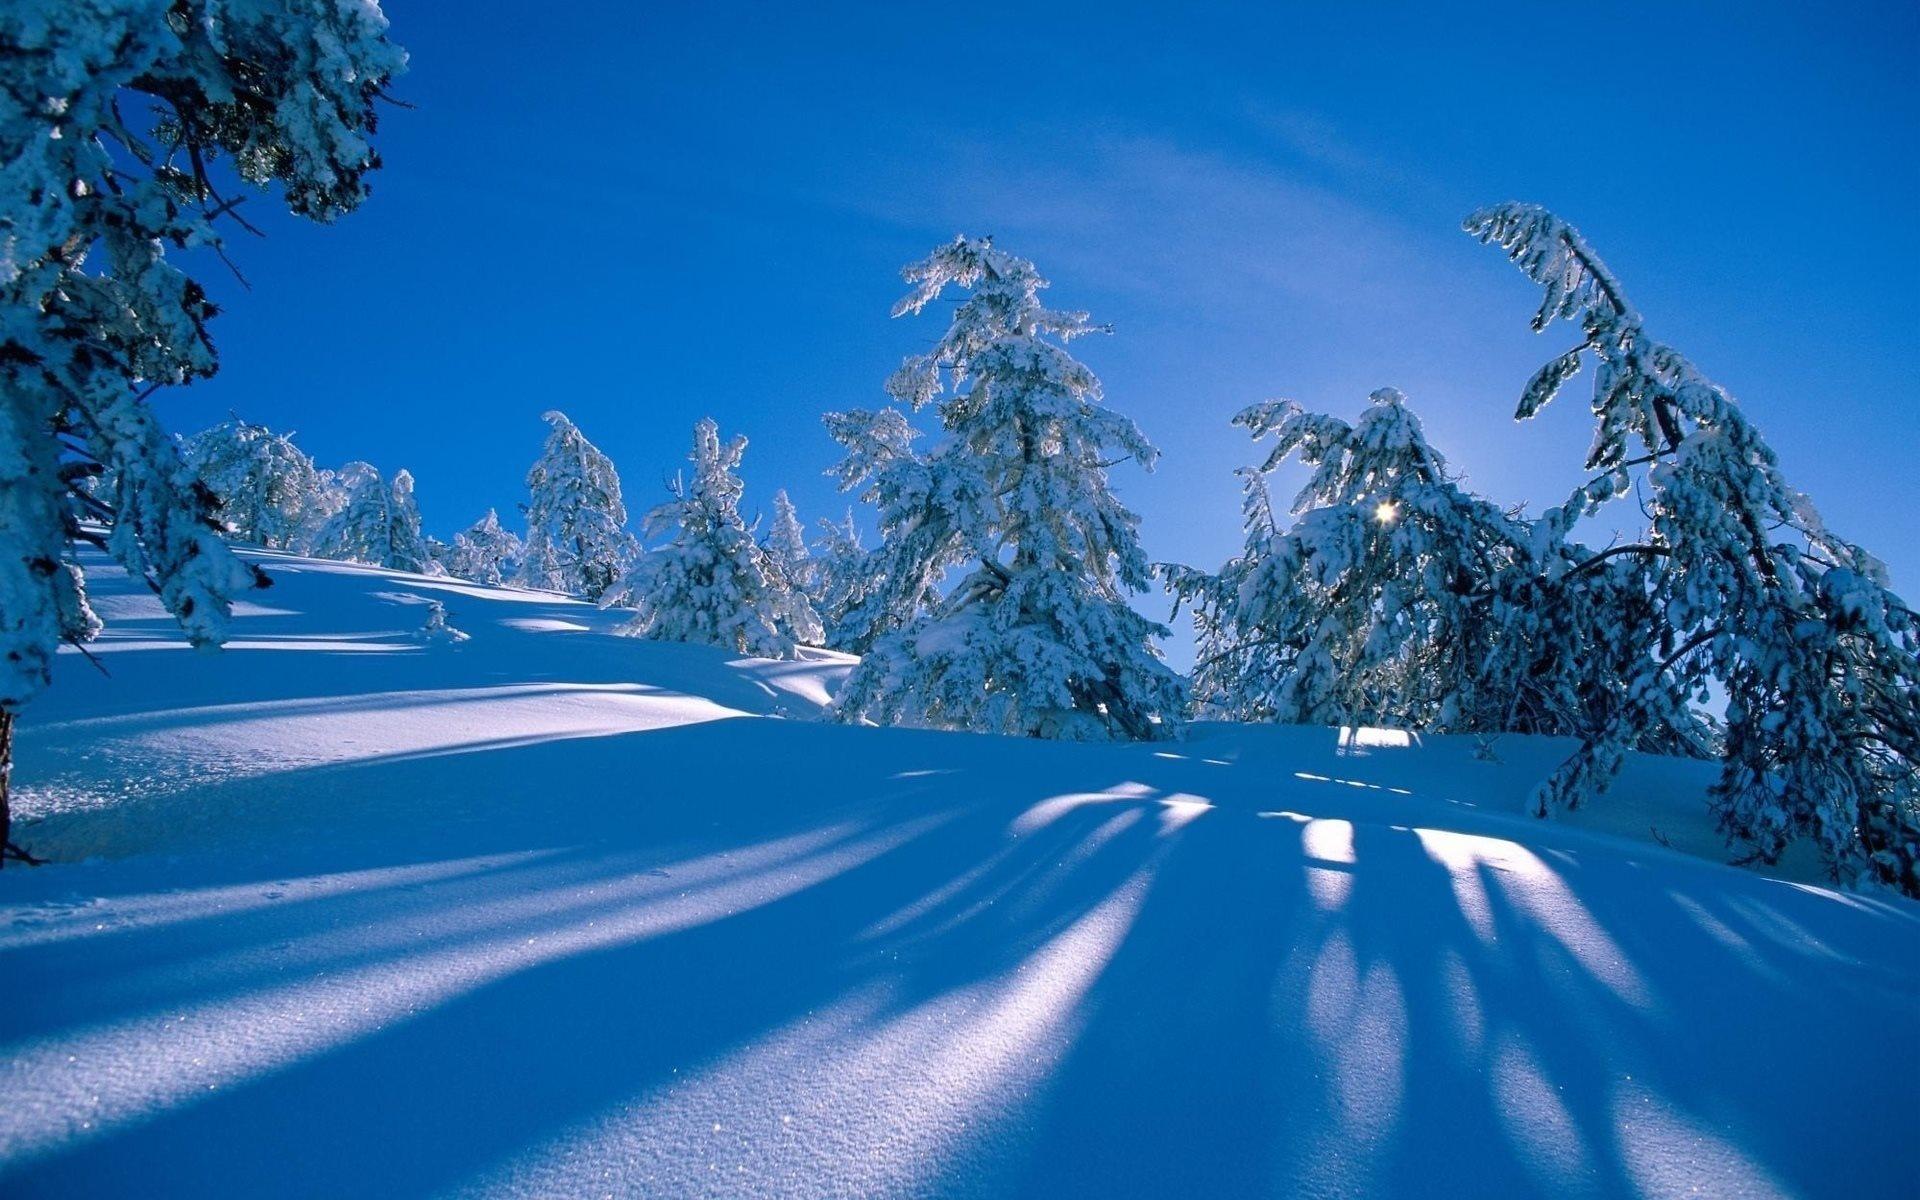 картинки зима для компа сразу удастся